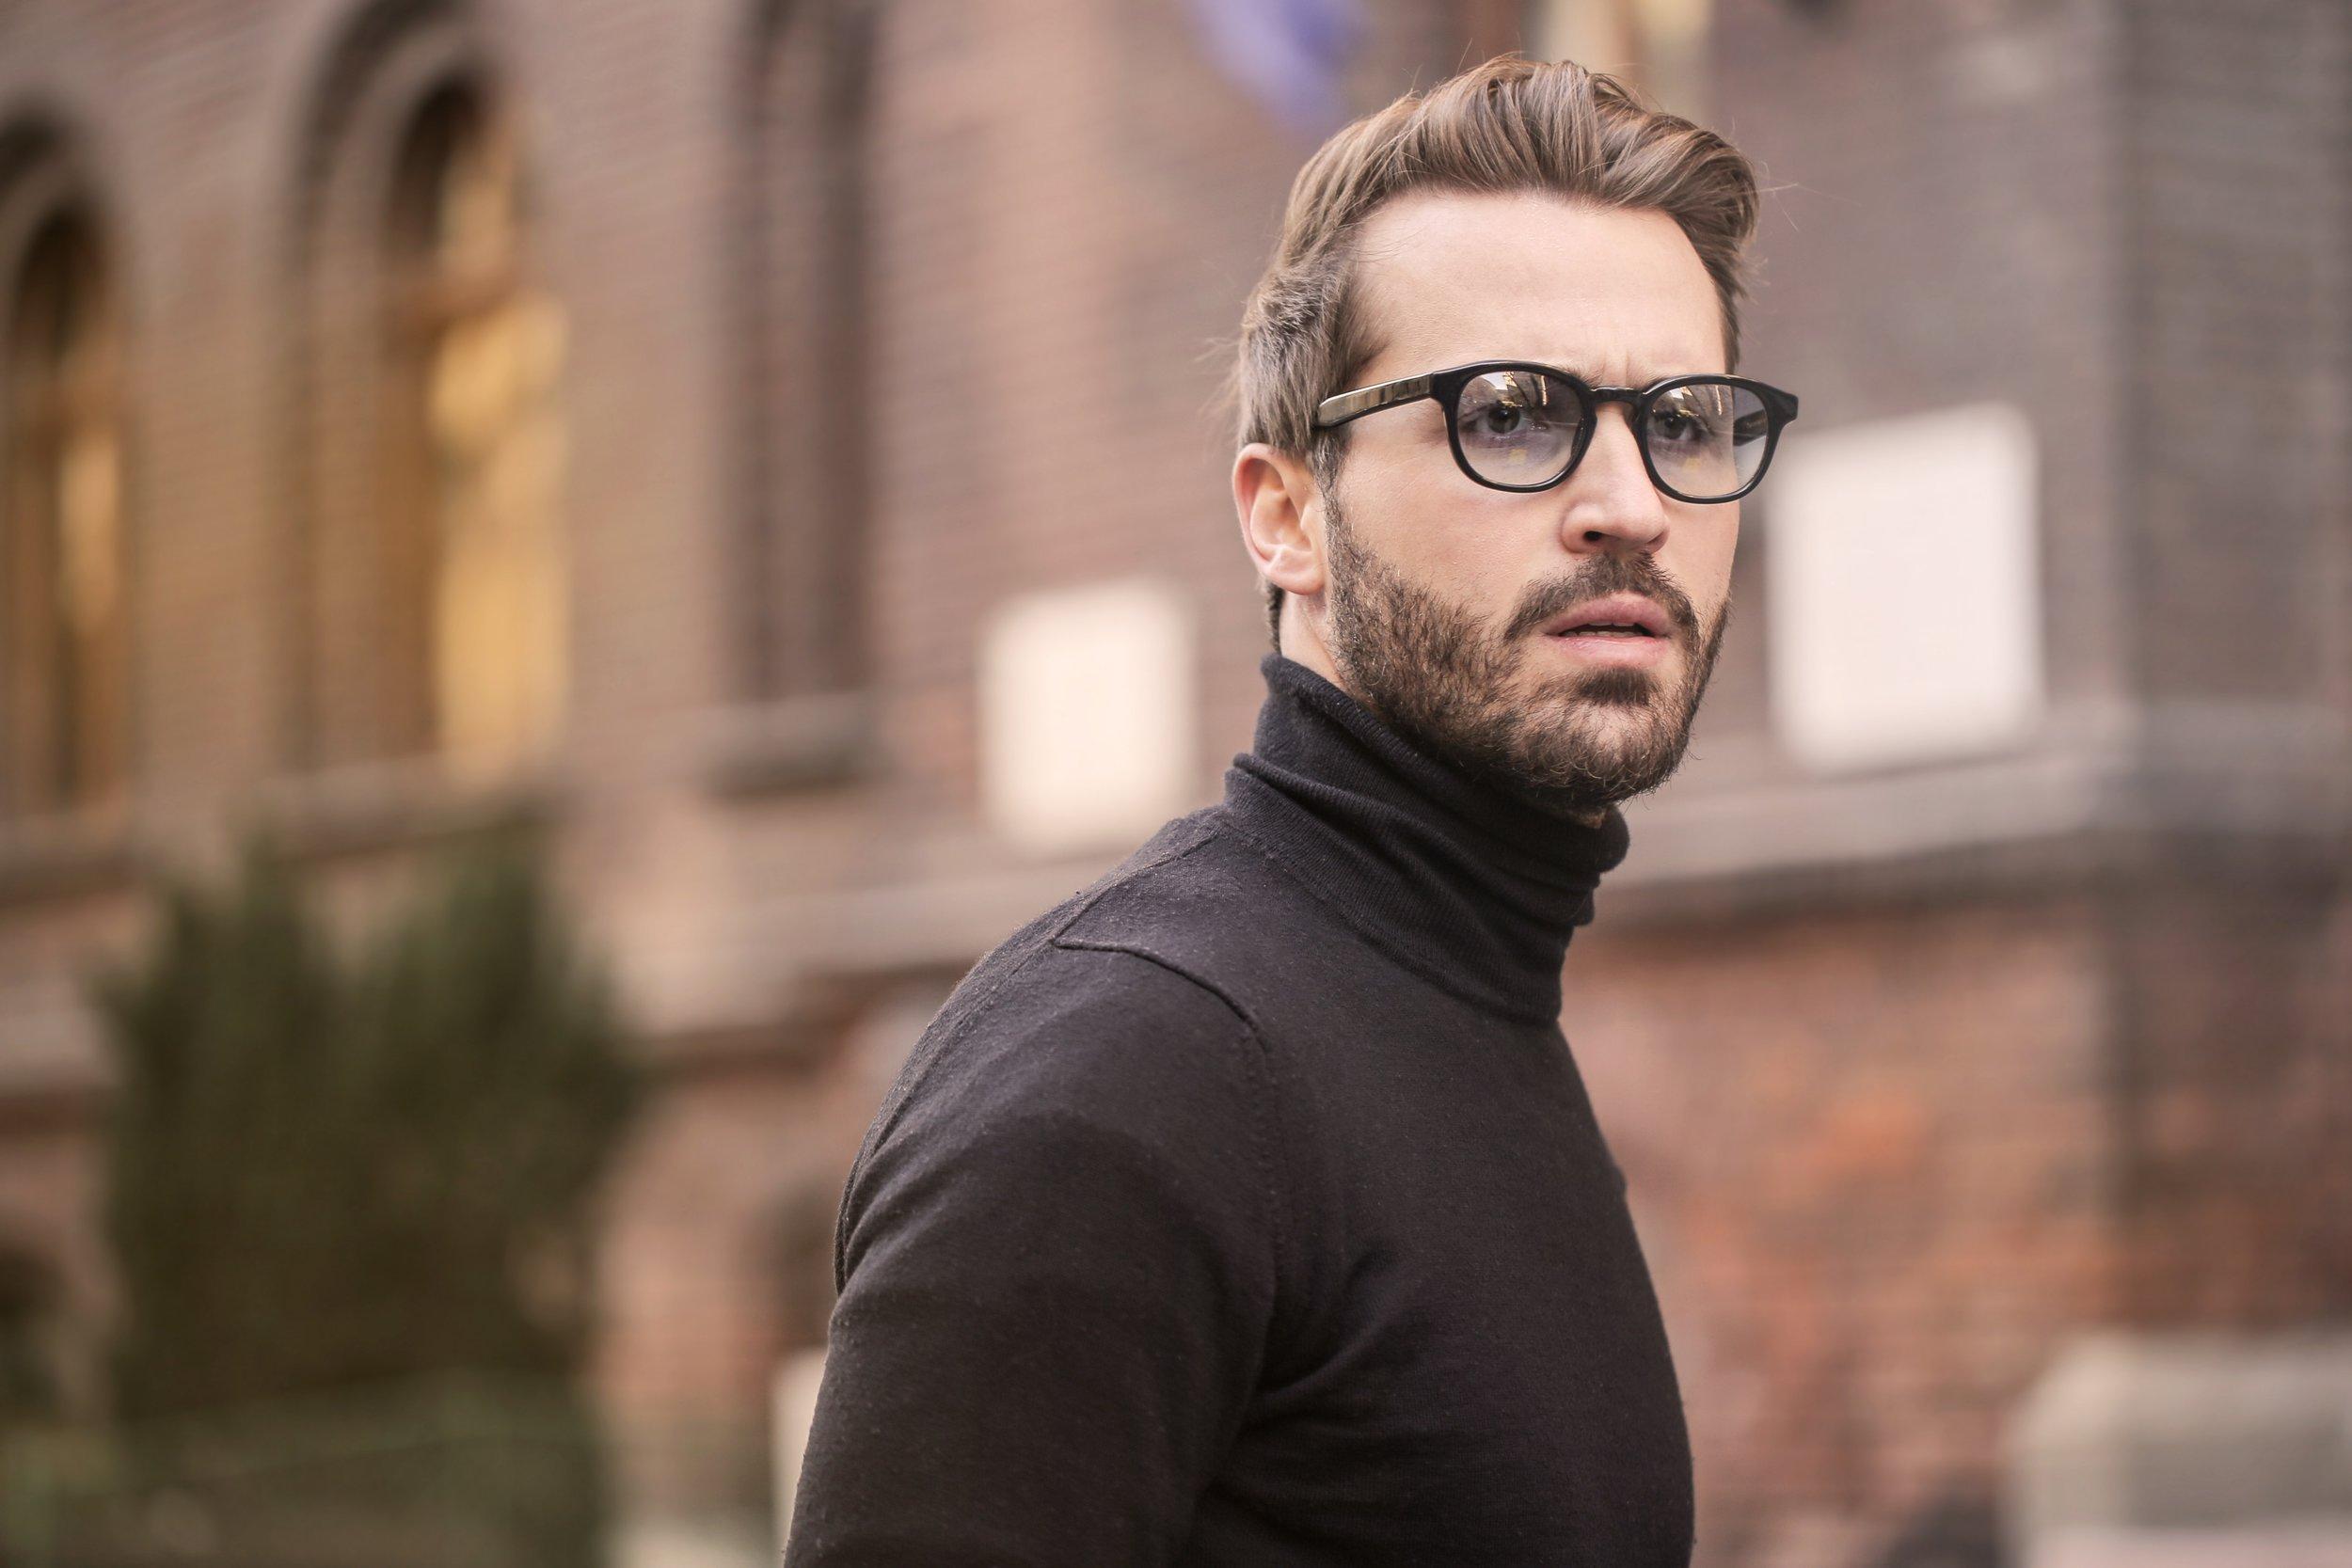 beard-eyewear-face-874158 (1).jpg